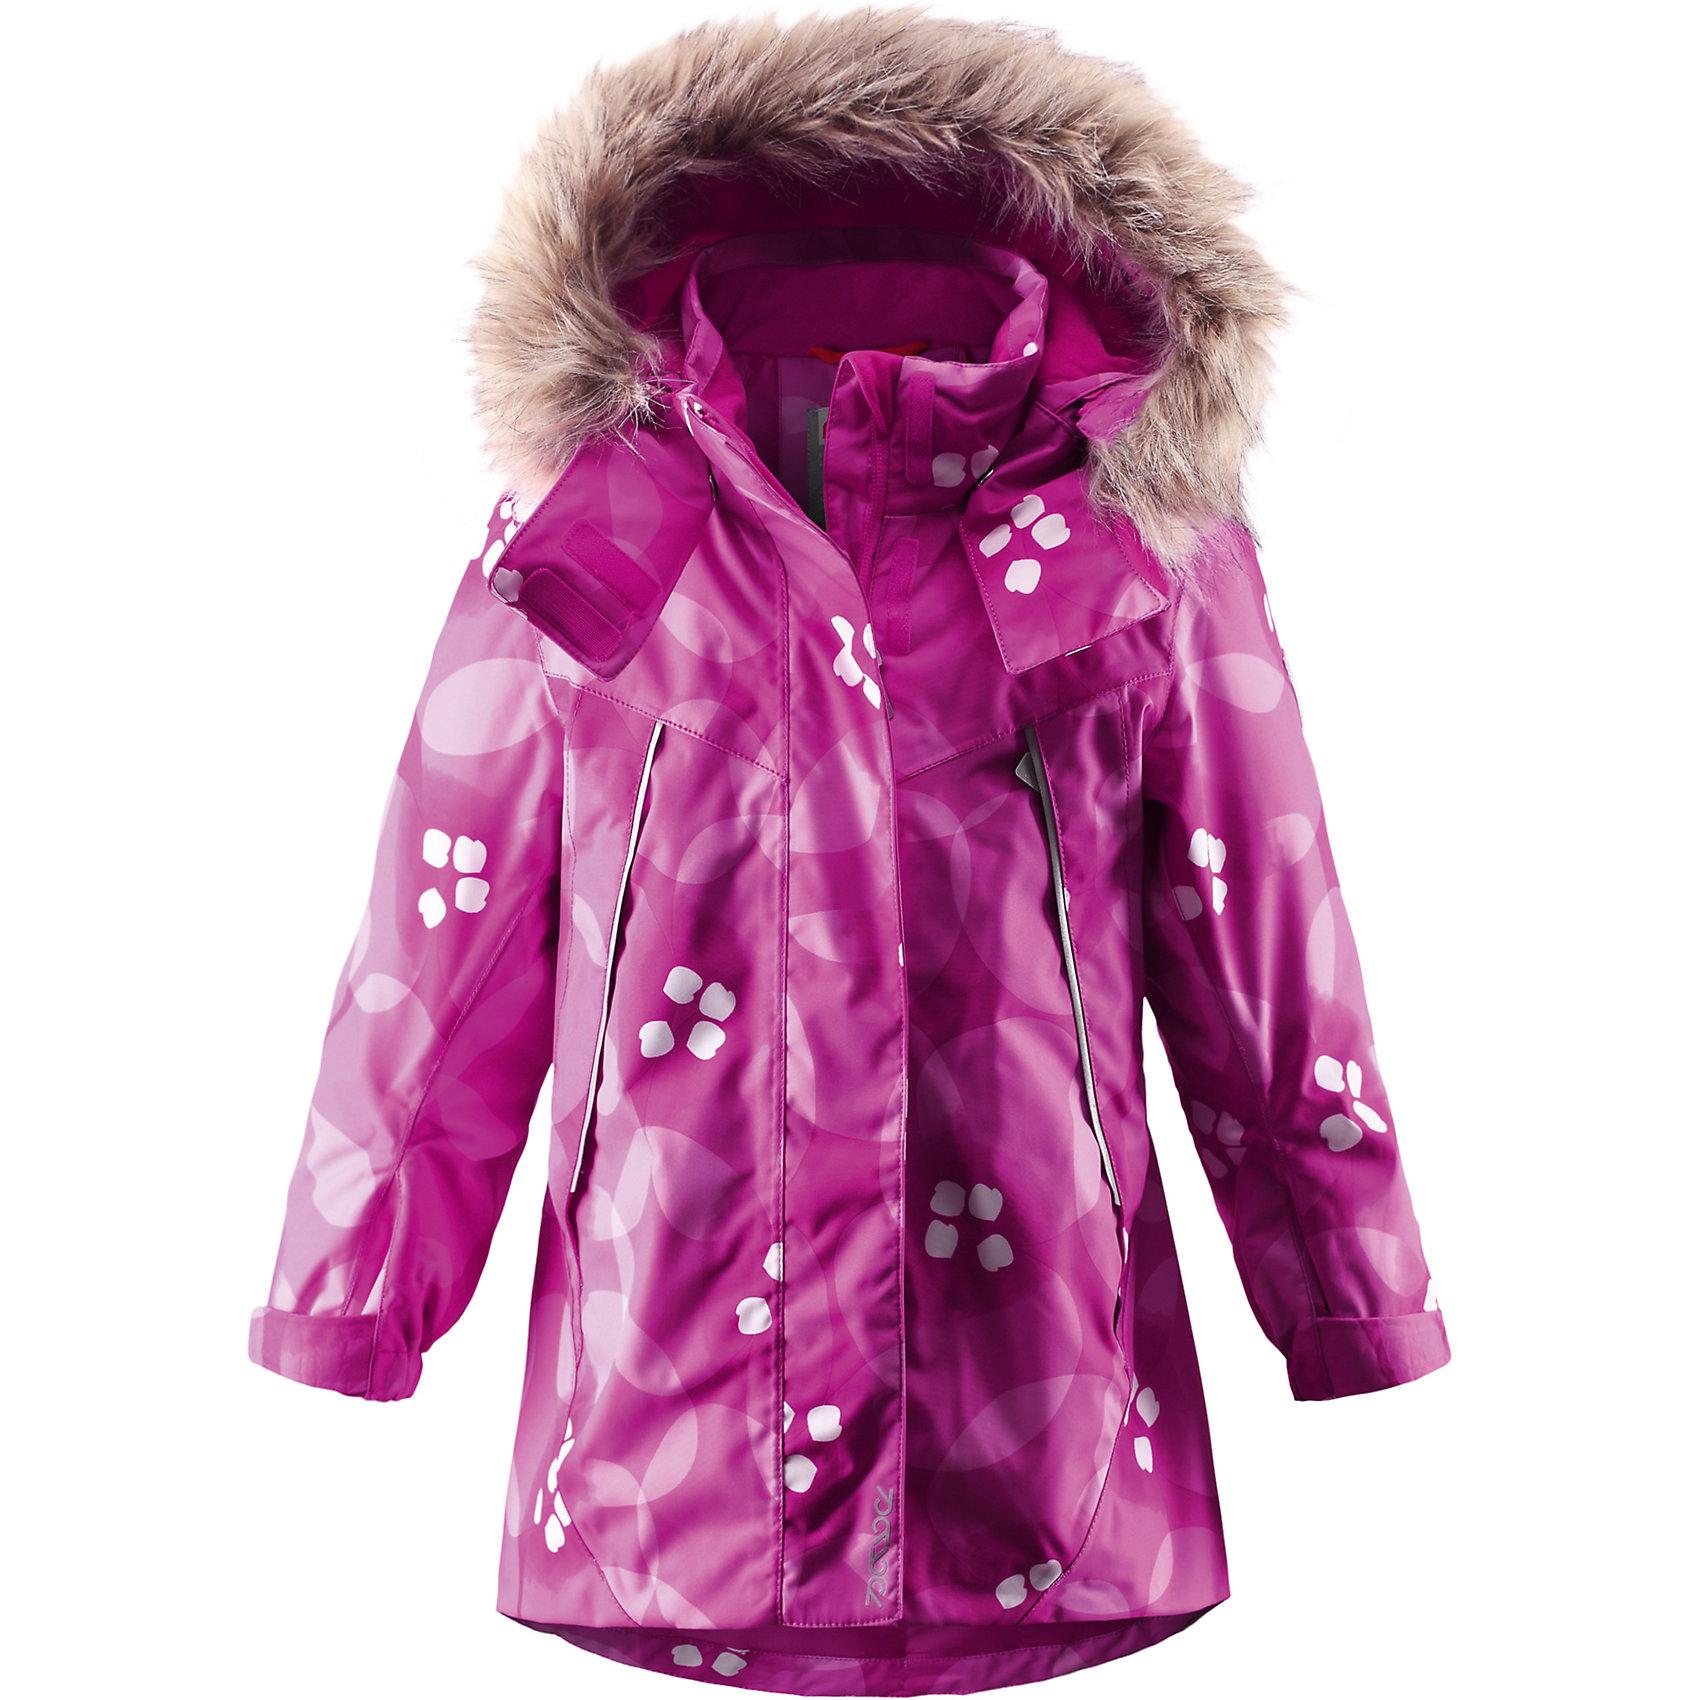 Куртка Muhvi для девочки Reimatec® ReimaОдежда<br>Куртка для девочки Reimatec® Reima<br>Зимняя куртка для детей. Все швы проклеены и водонепроницаемы. Водо- и ветронепроницаемый, «дышащий» и грязеотталкивающий материал. Крой для девочек. Гладкая подкладка из полиэстра. Безопасный отстегивающийся и регулируемый капюшон с отсоединяемой меховой каймой из искусственного меха. Регулируемый манжет на липучке. Эластичный пояс сзади. Удлиненный подол сзади. Регулируемый подол. Внутренний нагрудный карман. Два кармана на молнии. Принт по всей поверхности. Безопасные светоотражающие детали.<br>Утеплитель: Reima® Soft Loft insulation,160 g<br>Уход:<br>Стирать по отдельности, вывернув наизнанку. Перед стиркой отстегните искусственный мех. Застегнуть молнии и липучки. Стирать моющим средством, не содержащим отбеливающие вещества. Полоскать без специального средства. Во избежание изменения цвета изделие необходимо вынуть из стиральной машинки незамедлительно после окончания программы стирки. Можно сушить в сушильном шкафу или центрифуге (макс. 40° C).<br>Состав:<br>100% Полиамид, полиуретановое покрытие<br><br>Ширина мм: 356<br>Глубина мм: 10<br>Высота мм: 245<br>Вес г: 519<br>Цвет: розовый<br>Возраст от месяцев: 18<br>Возраст до месяцев: 24<br>Пол: Женский<br>Возраст: Детский<br>Размер: 92,140,98,134,122,128,116,110,104<br>SKU: 4777956